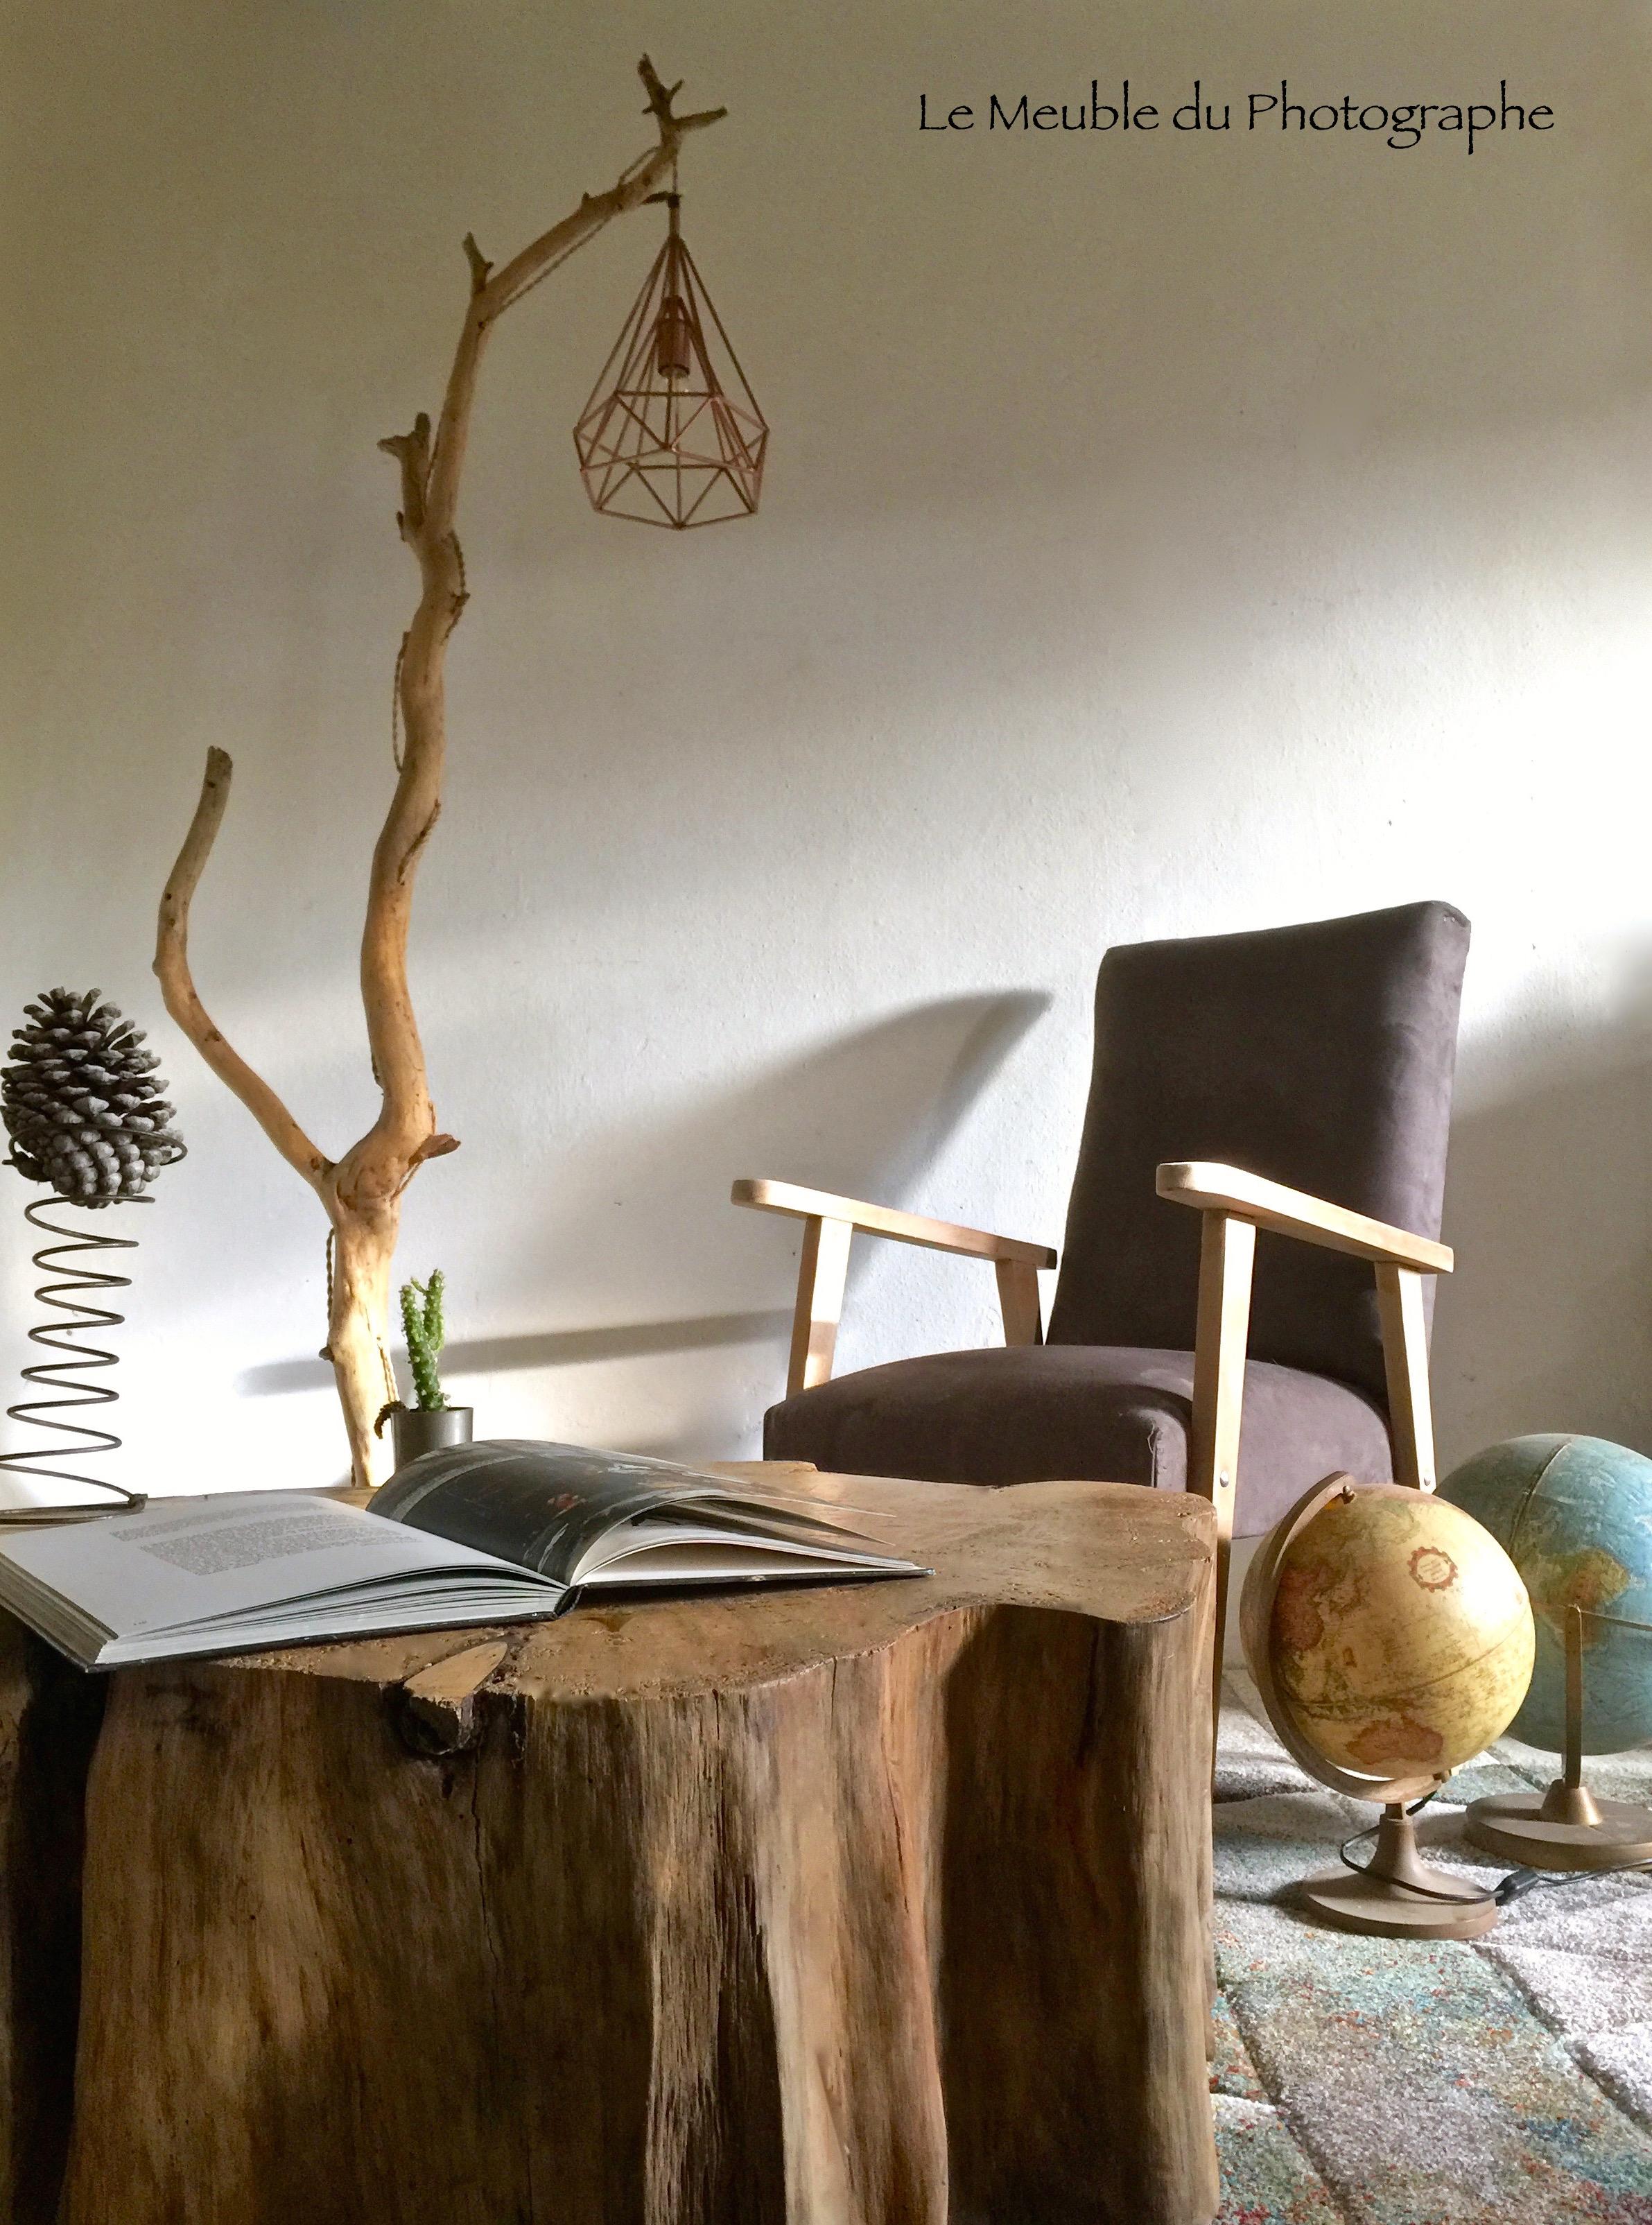 grand lampadaire branche de h tre 1m90 le meuble du photographe. Black Bedroom Furniture Sets. Home Design Ideas